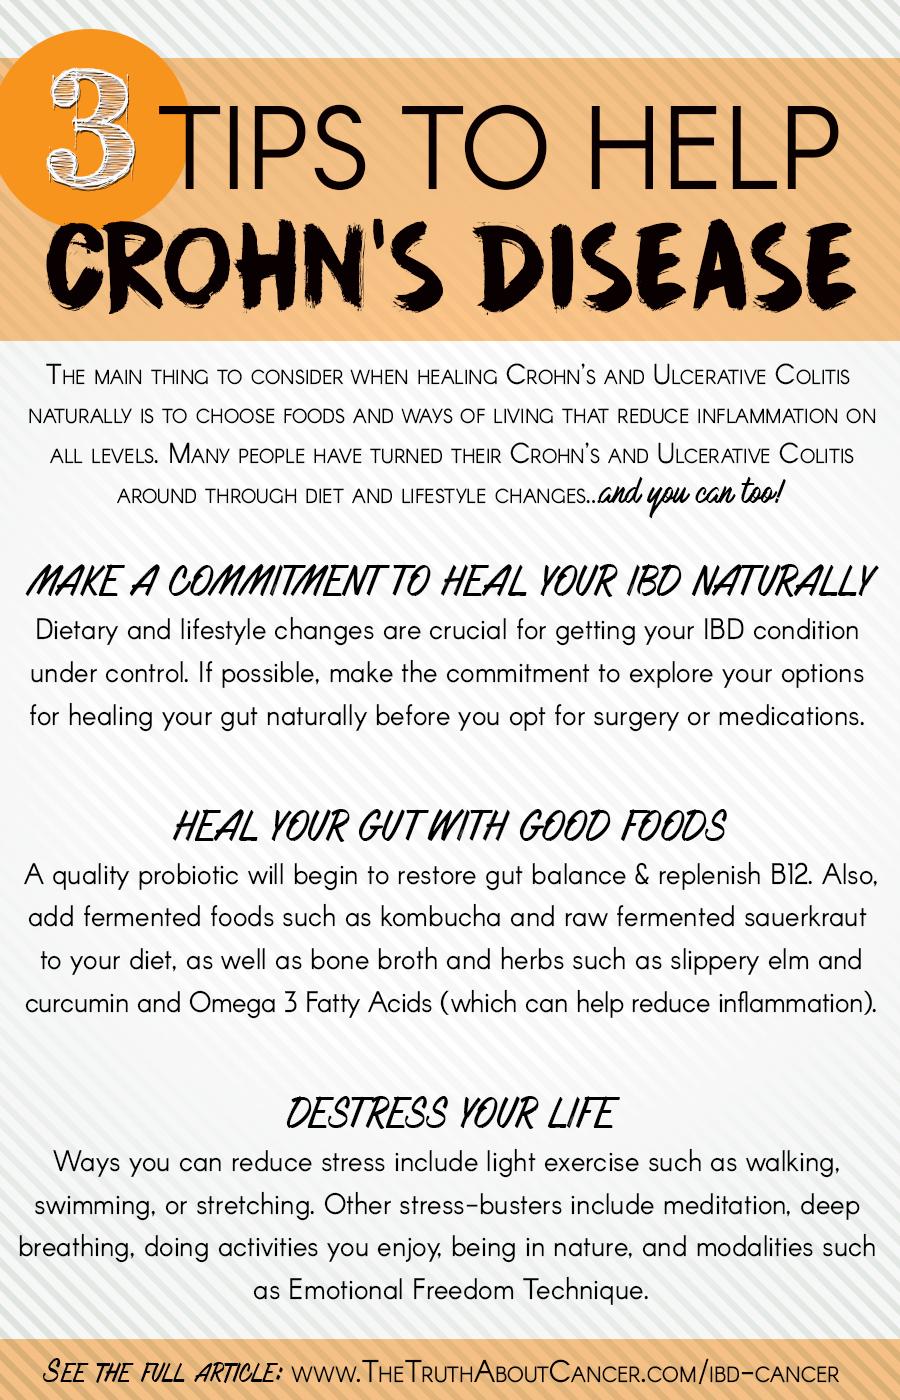 IBD Crohns disease and cancer